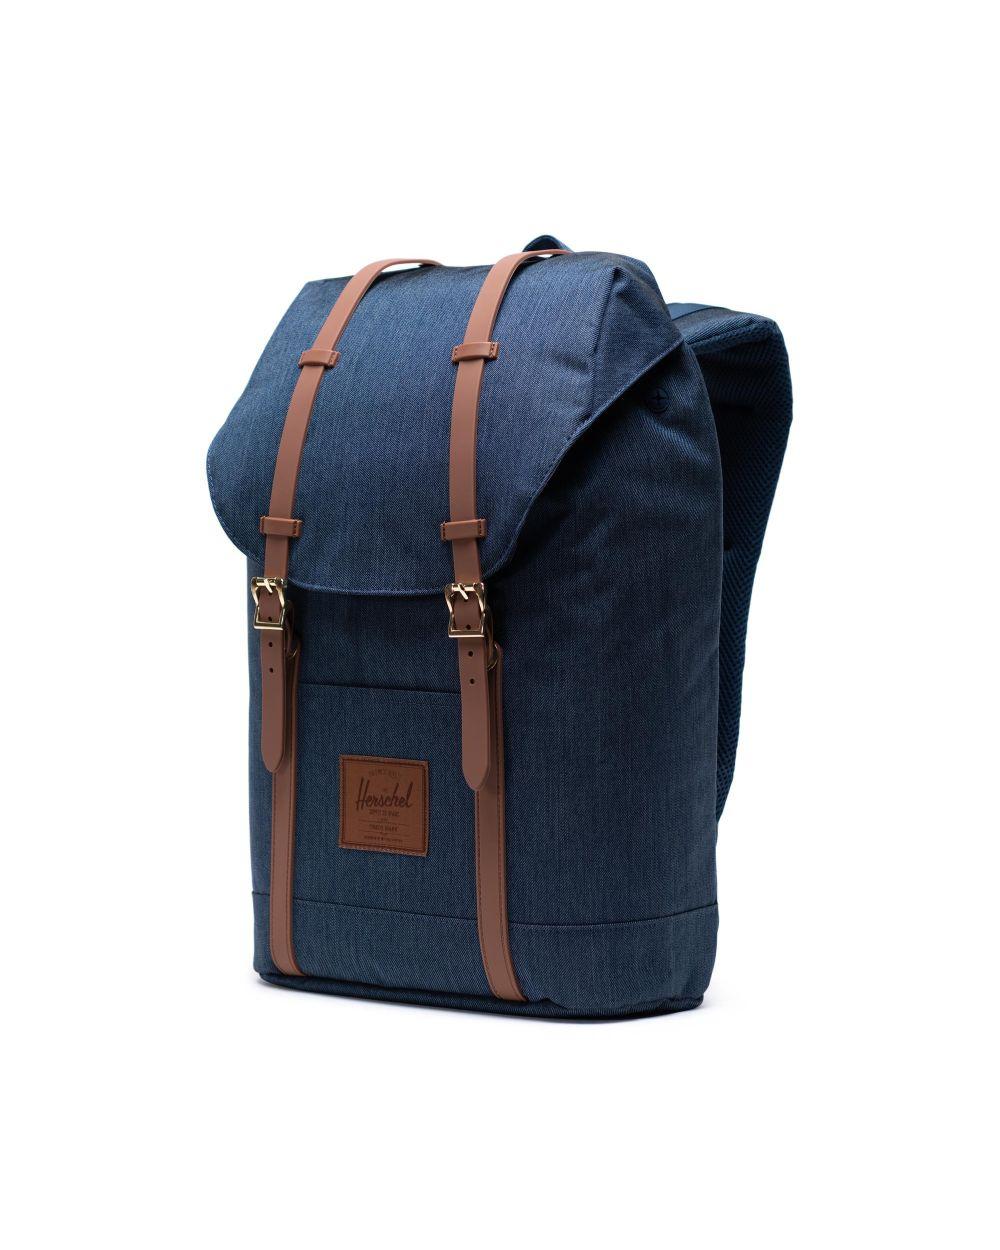 Herschel retreat bag in blue and tan